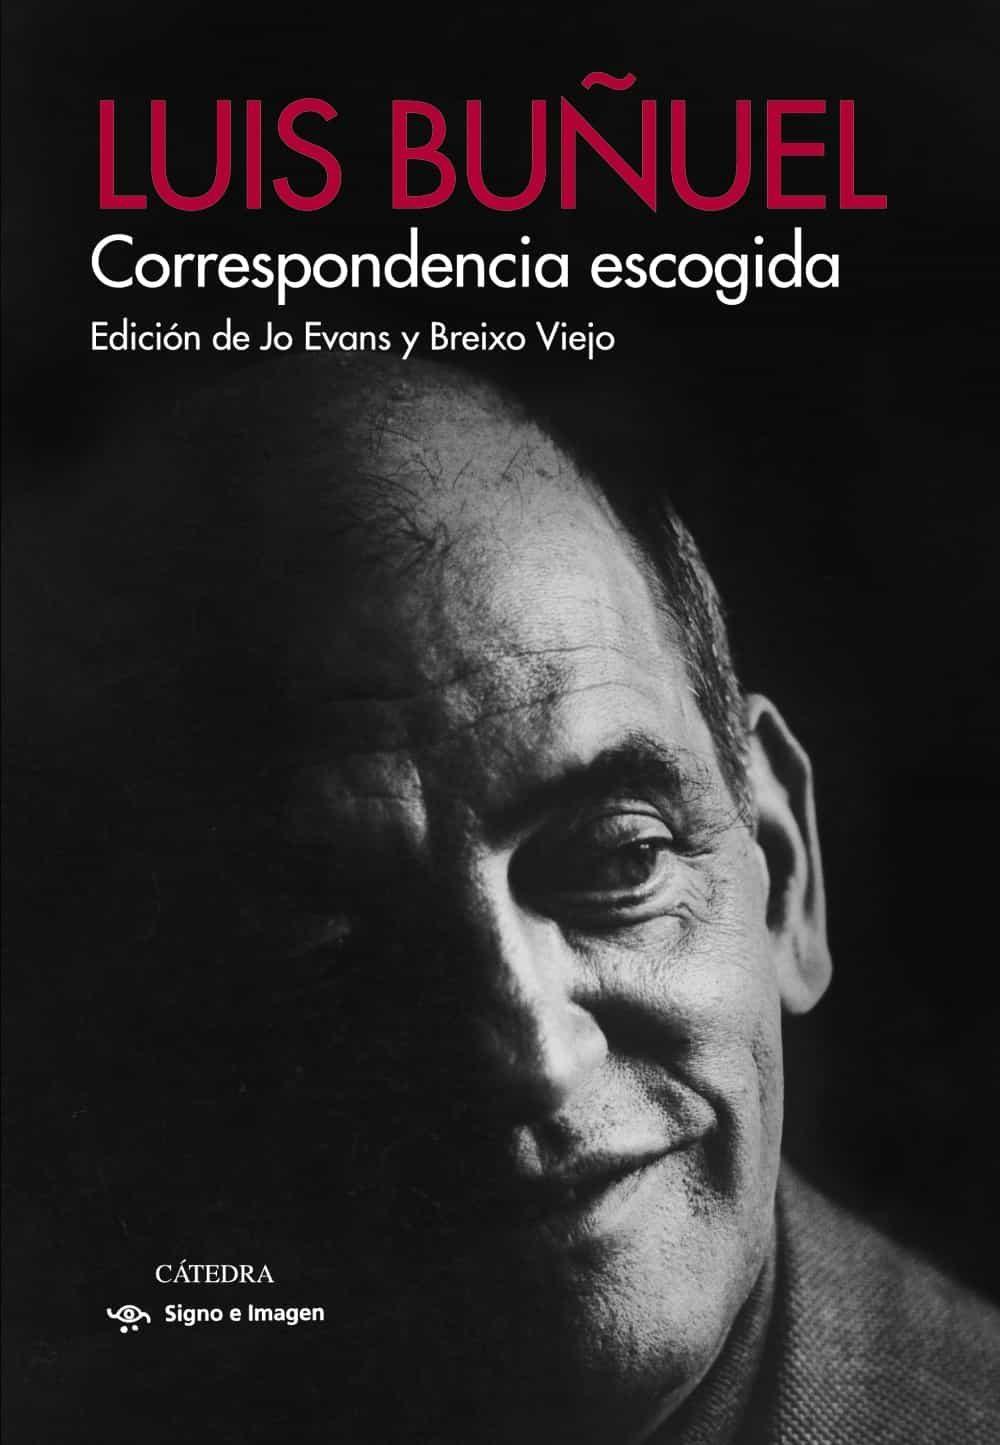 Correspondencia Escogida - Buñuel Luis